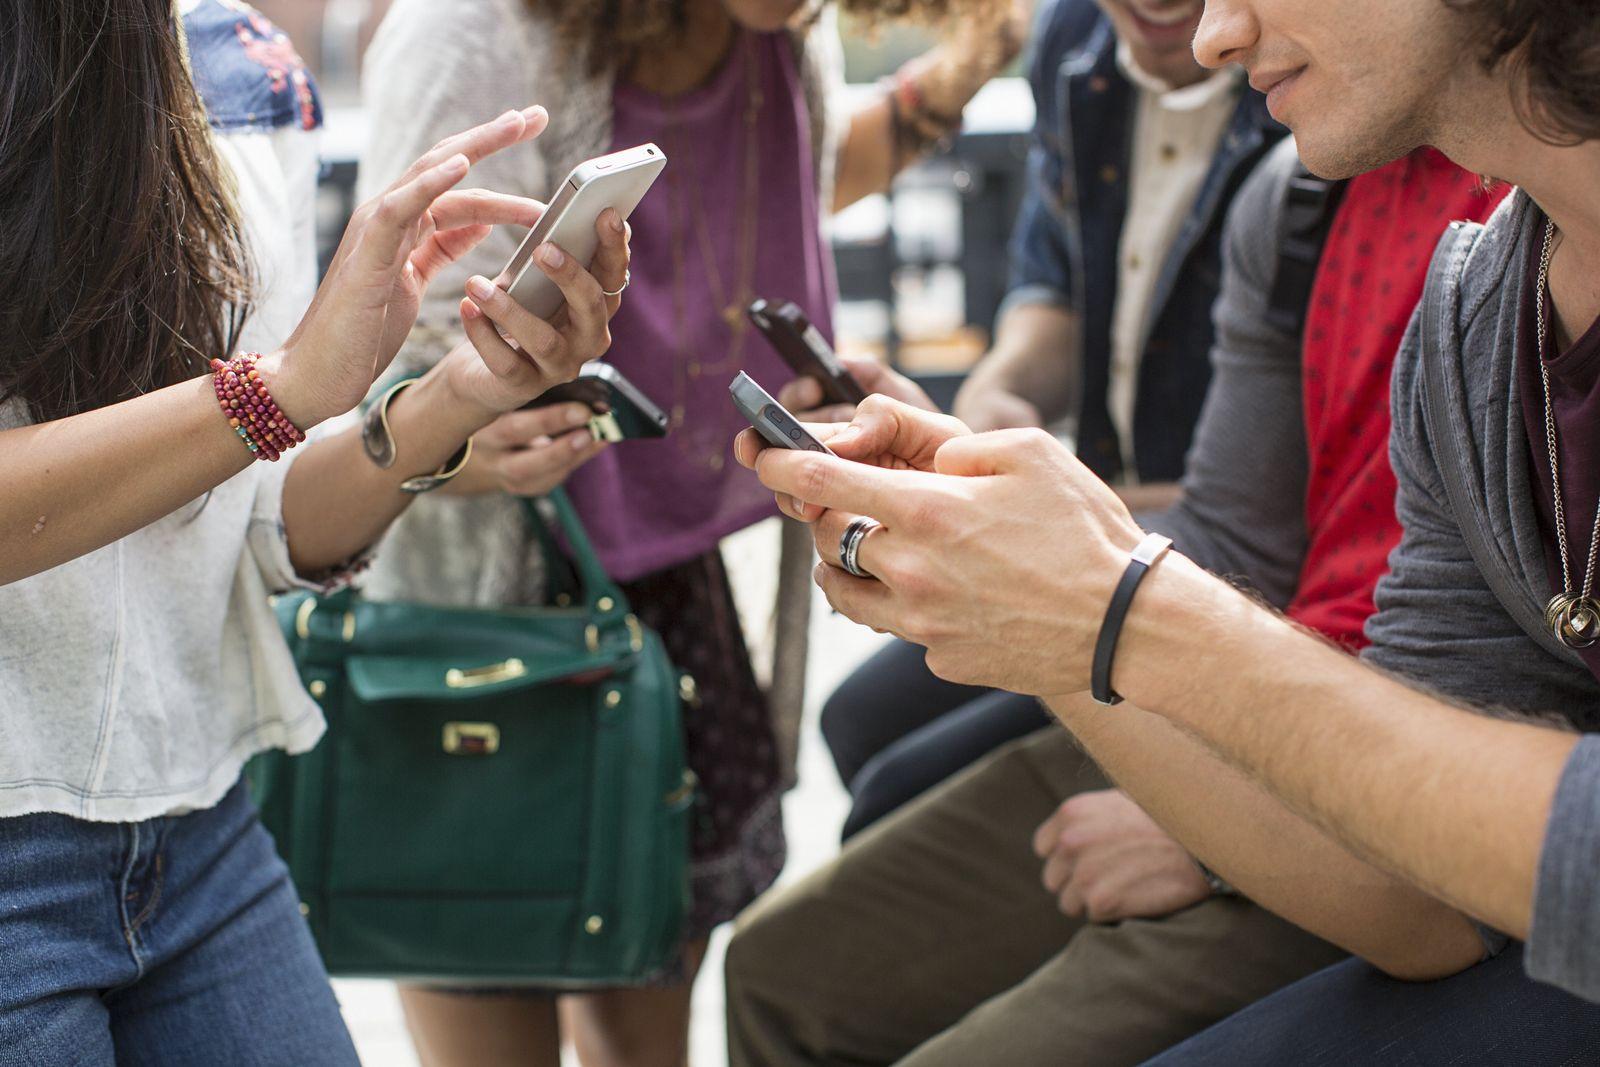 NICHT MEHR VERWENDEN! - Symbolbild Social Media/ Smartphone